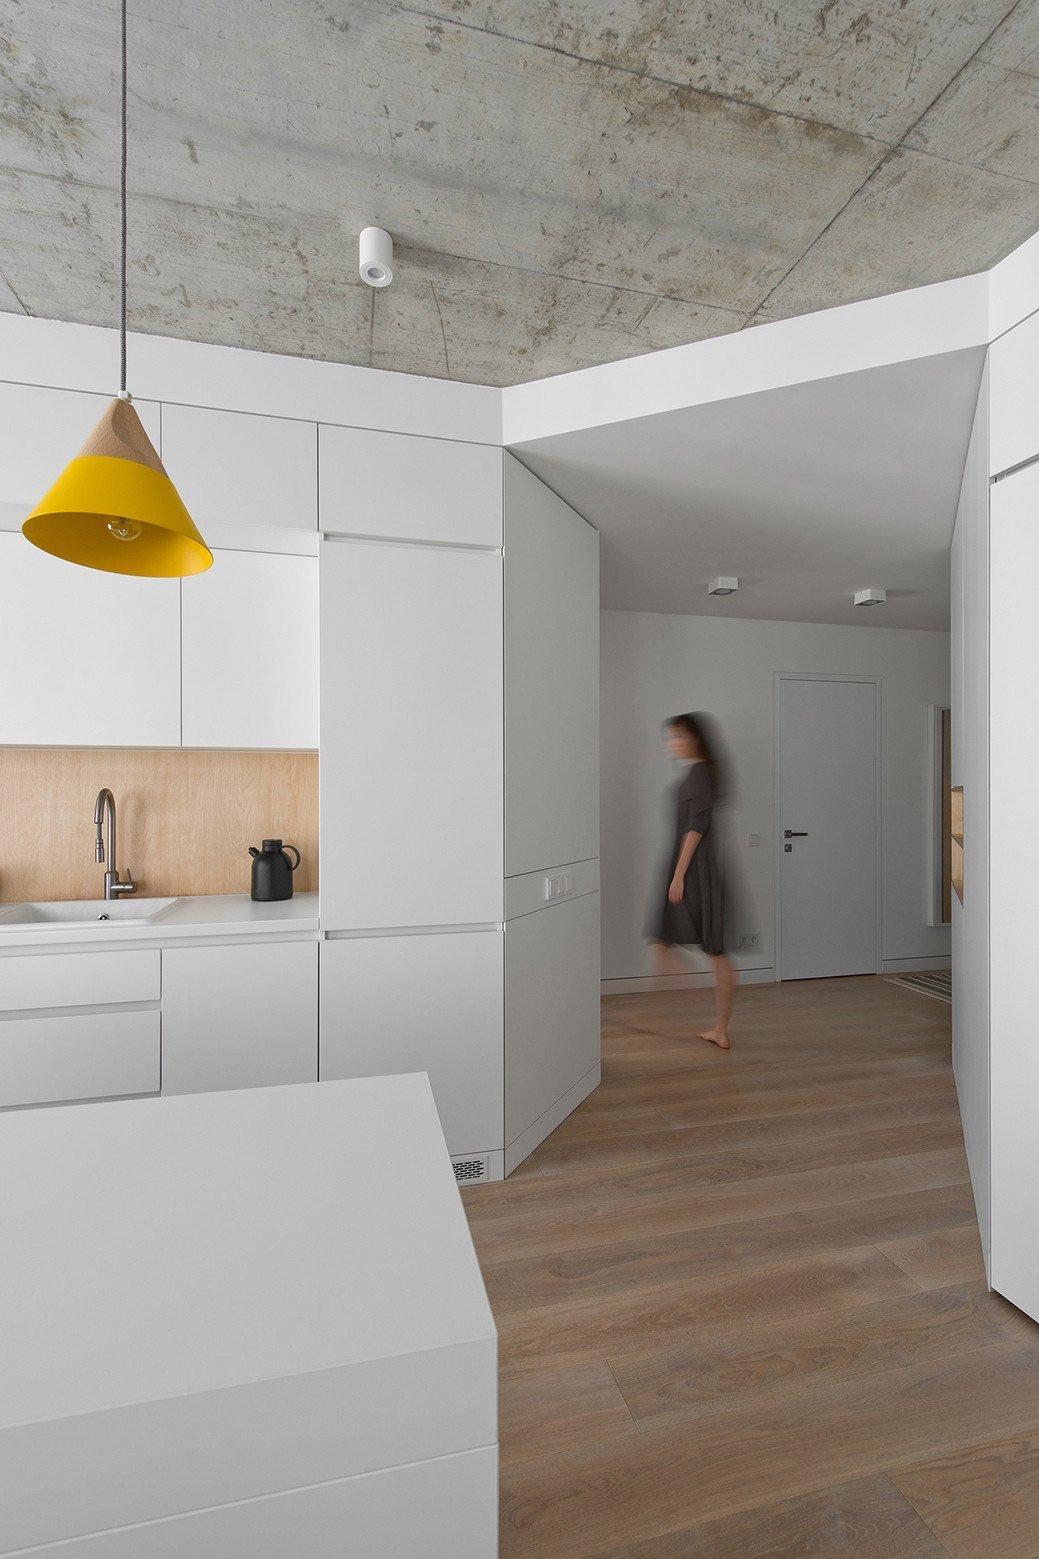 Také kuchyň je vyrobená ve stejném duchu jako ostatní nábytkové stěny.